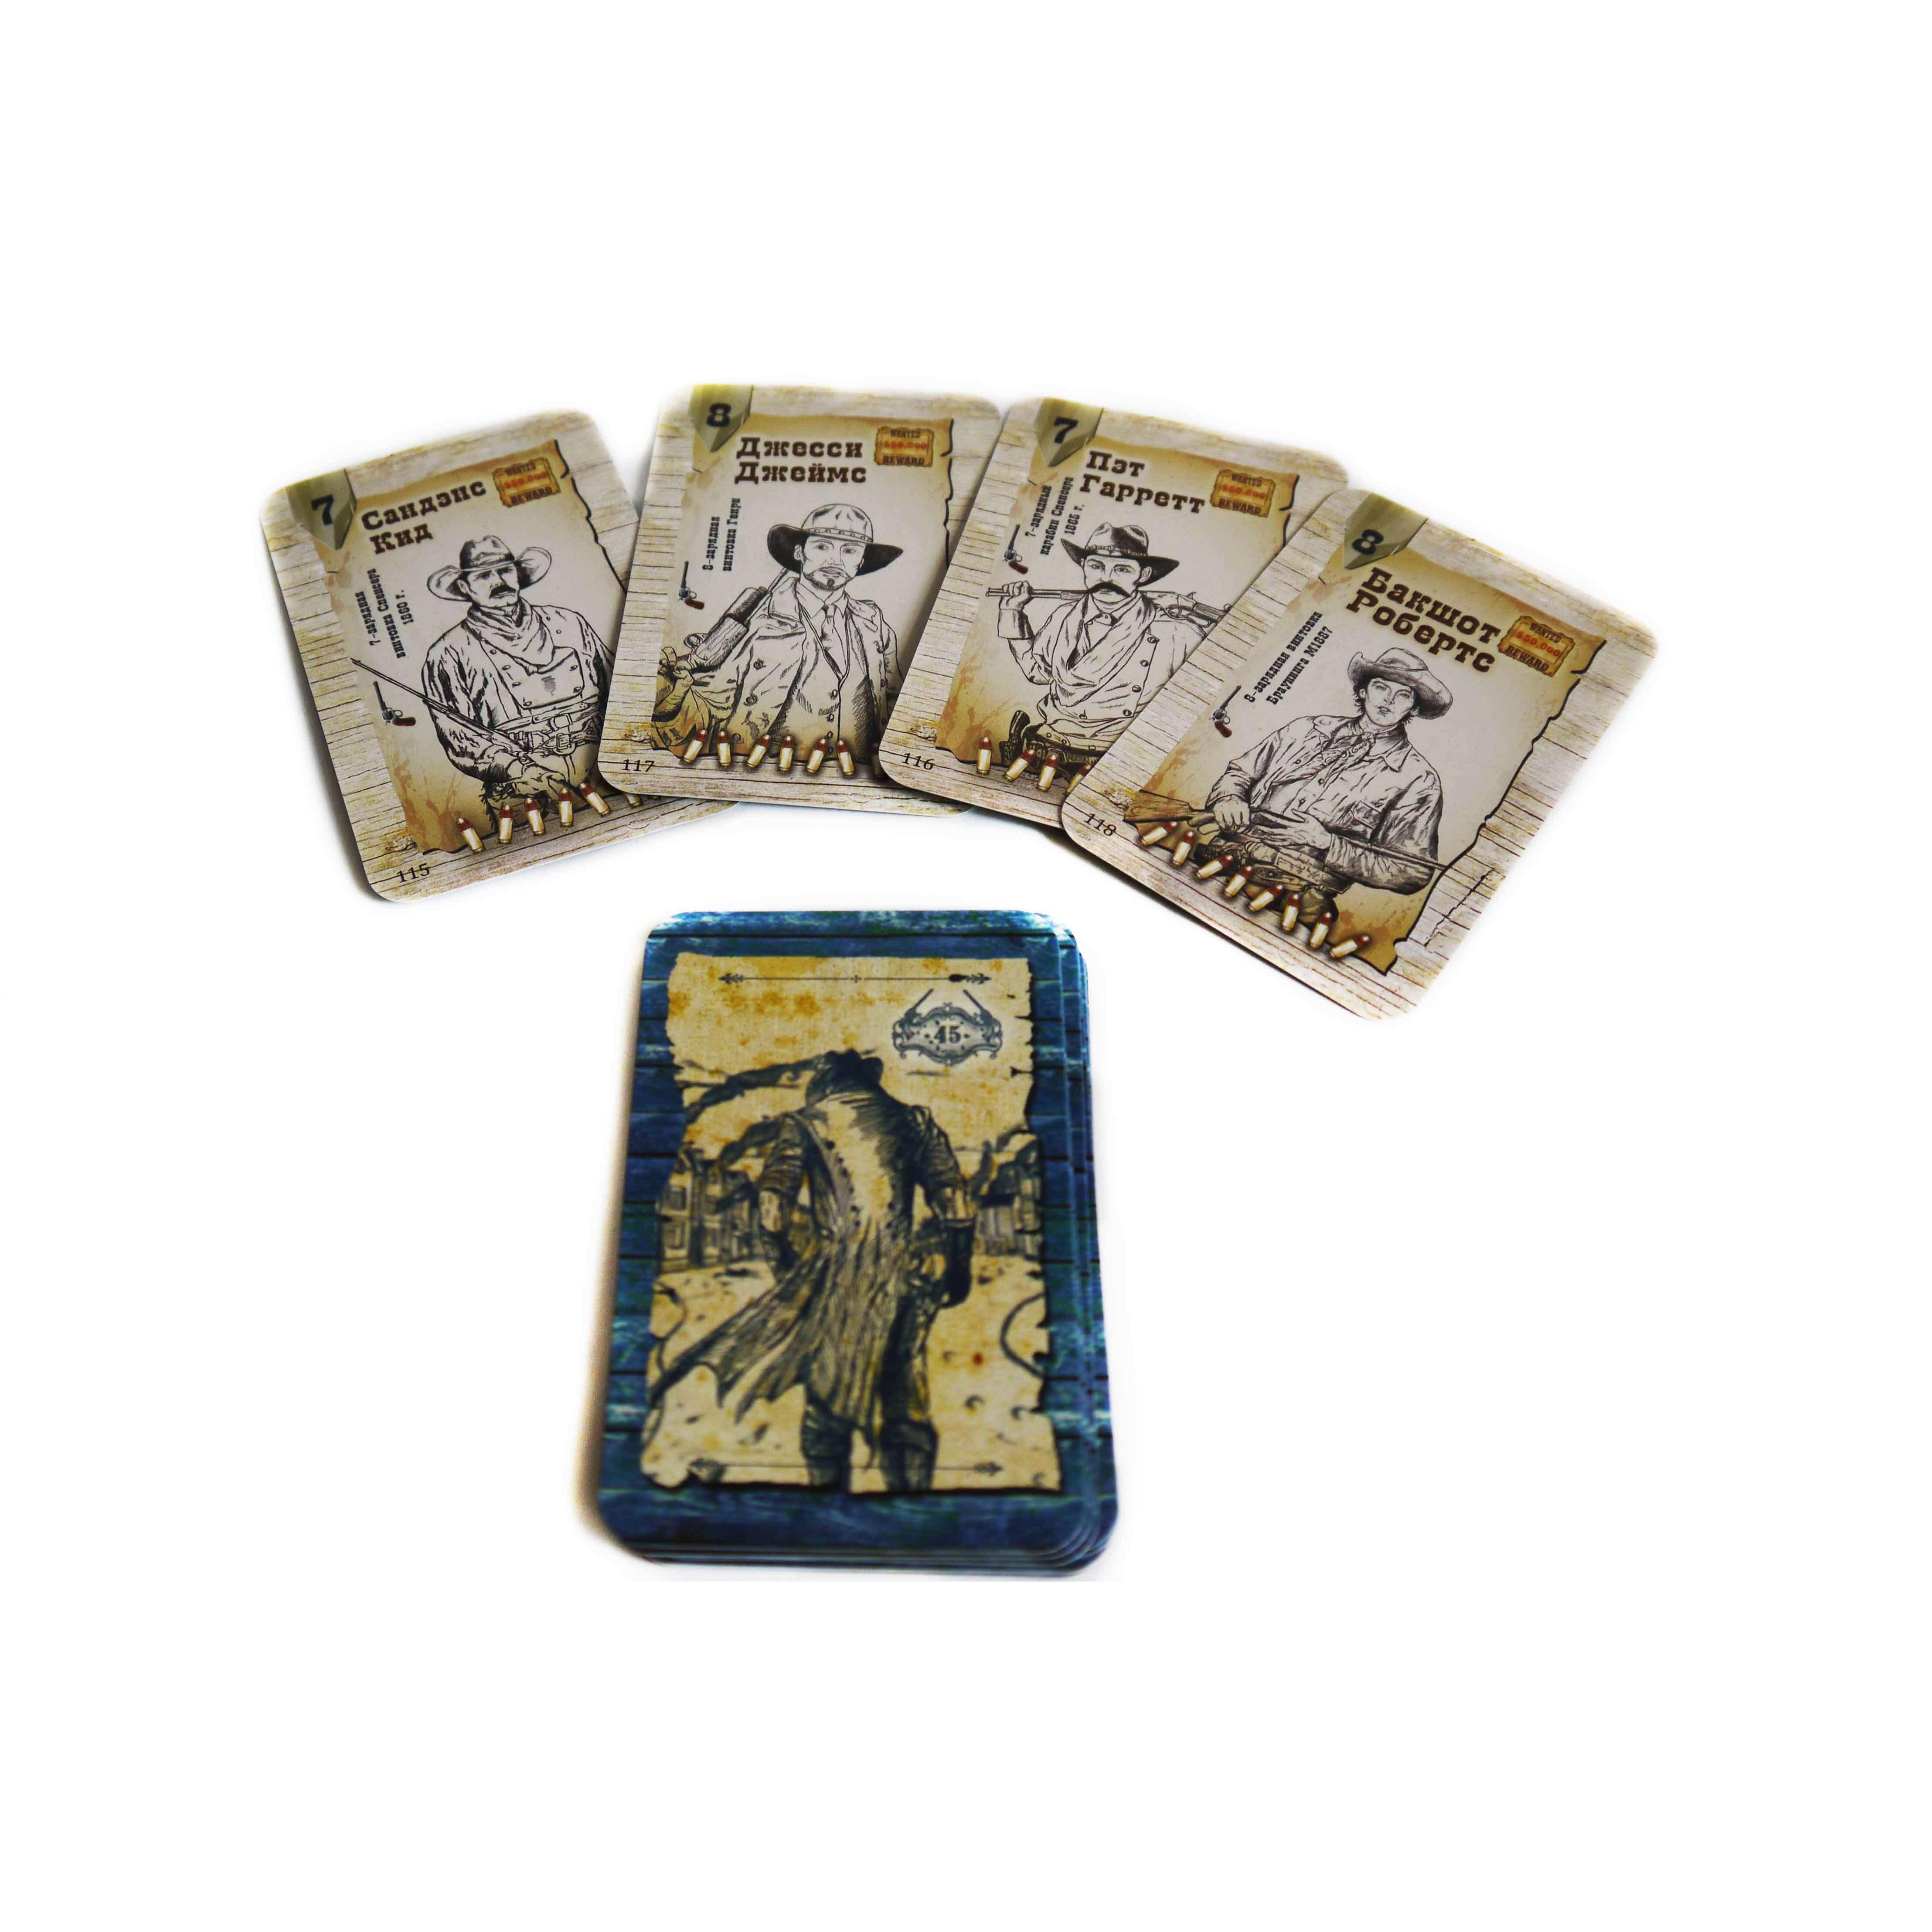 Ковбои играют в карты пасьянс косынка играть бесплатно в онлайн бесплатно по три карты играть